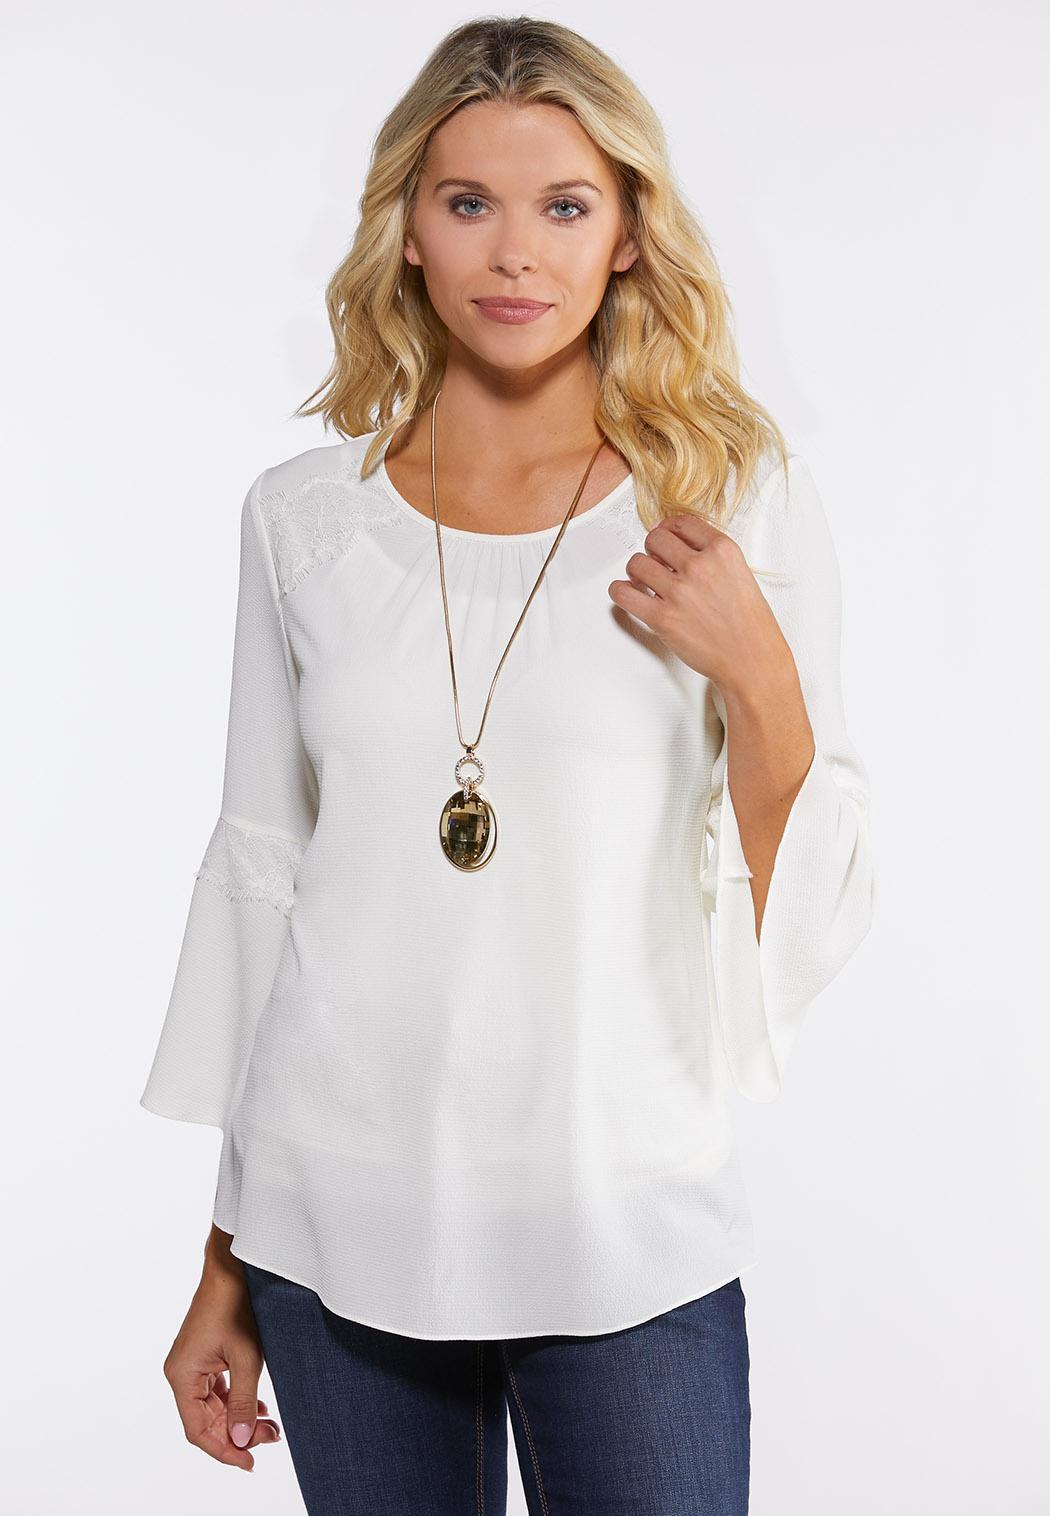 Plus Size Ivory Lace Trim Top